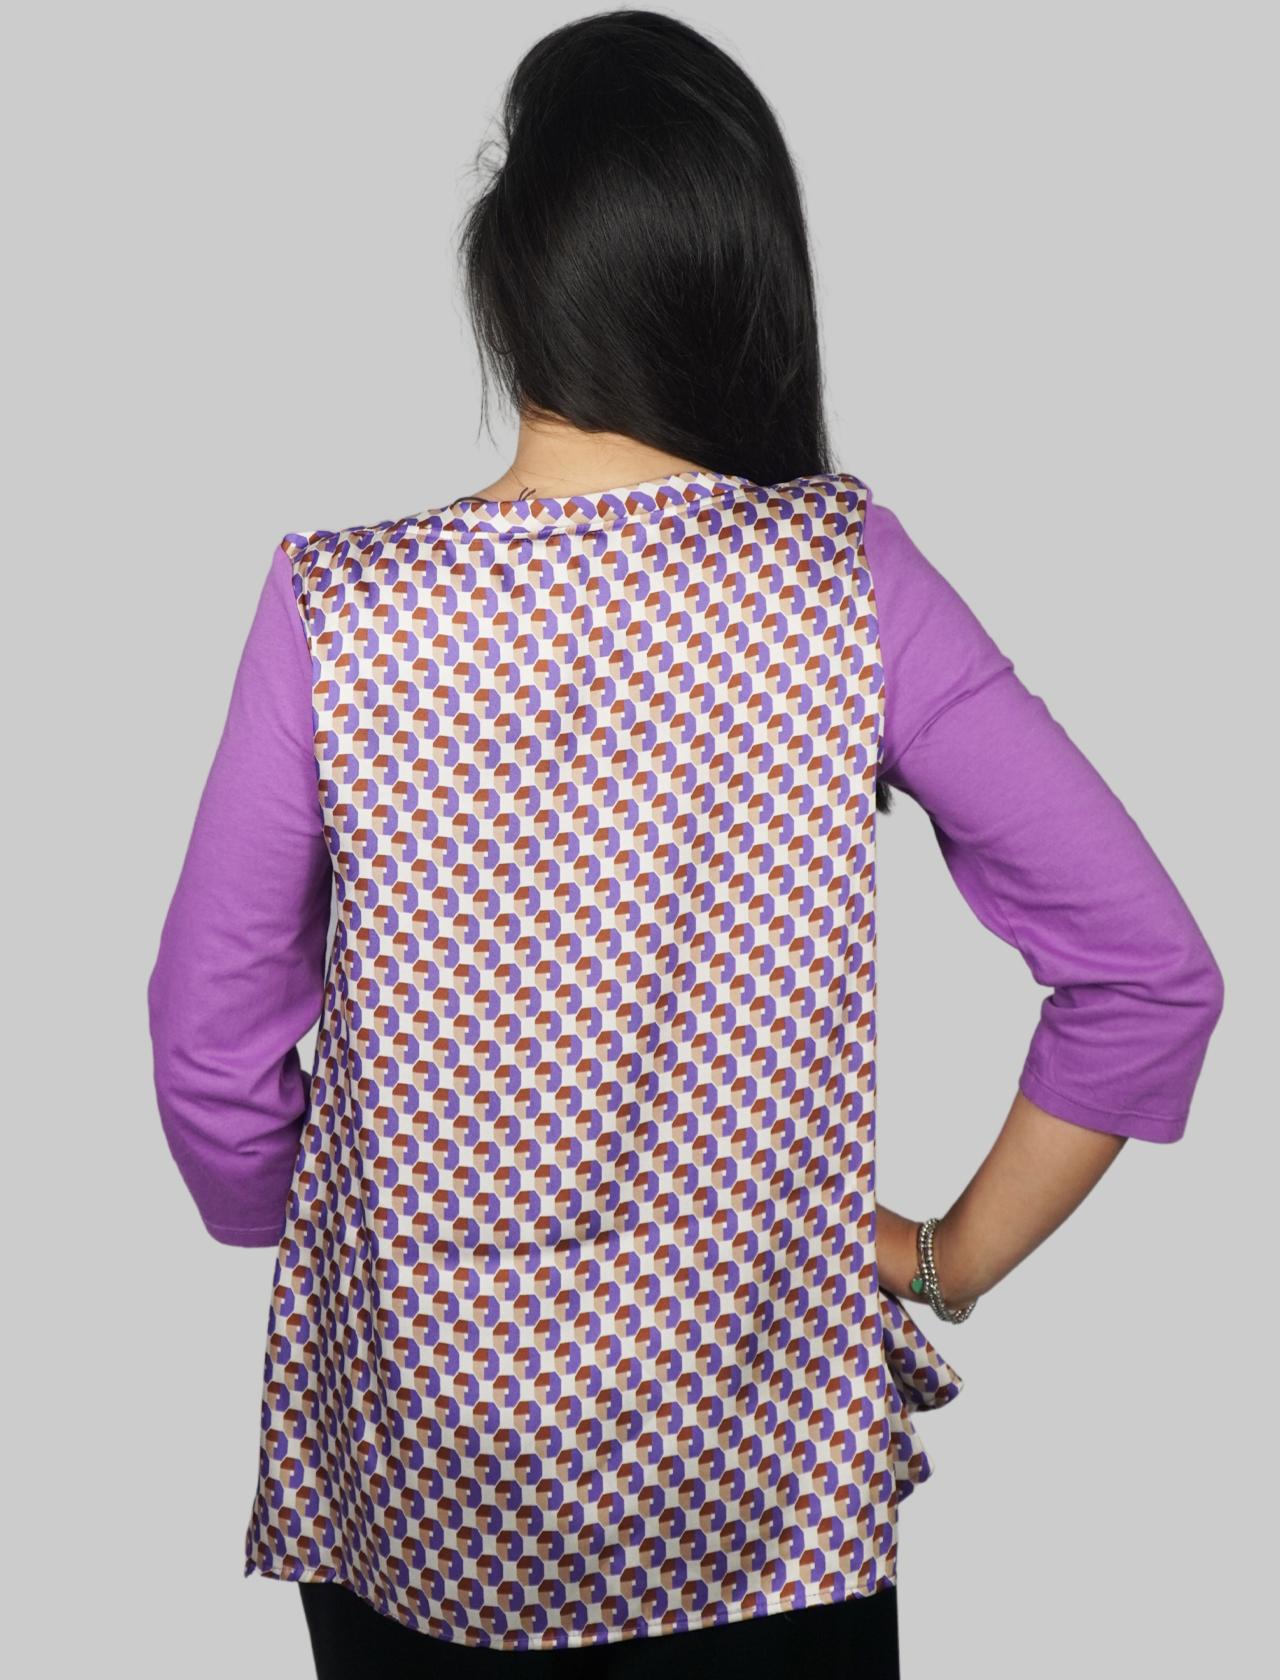 Abbigliamento Donna T-shirt Jersey Patch in Cotone Glicine con Maniche in Twill Stampato Verde a Fantasia Maliparmi   T-shirt e Canotte   JK02067049551036